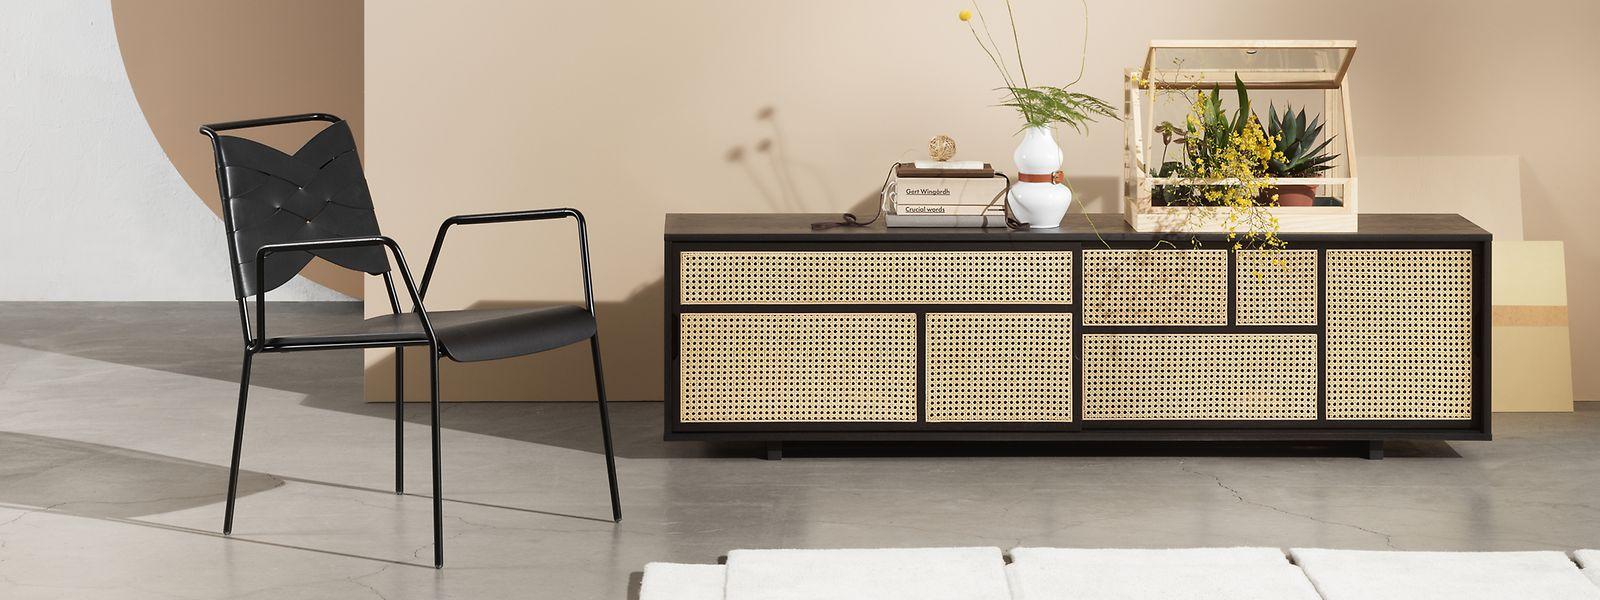 Das Wiener Geflecht lässt Möbel leichter wirken. Auch Designer Mathieu Gustafsson nutzte es statt massiver Türen an der Kommode der Kollektion AIR für Design House Stockholm.